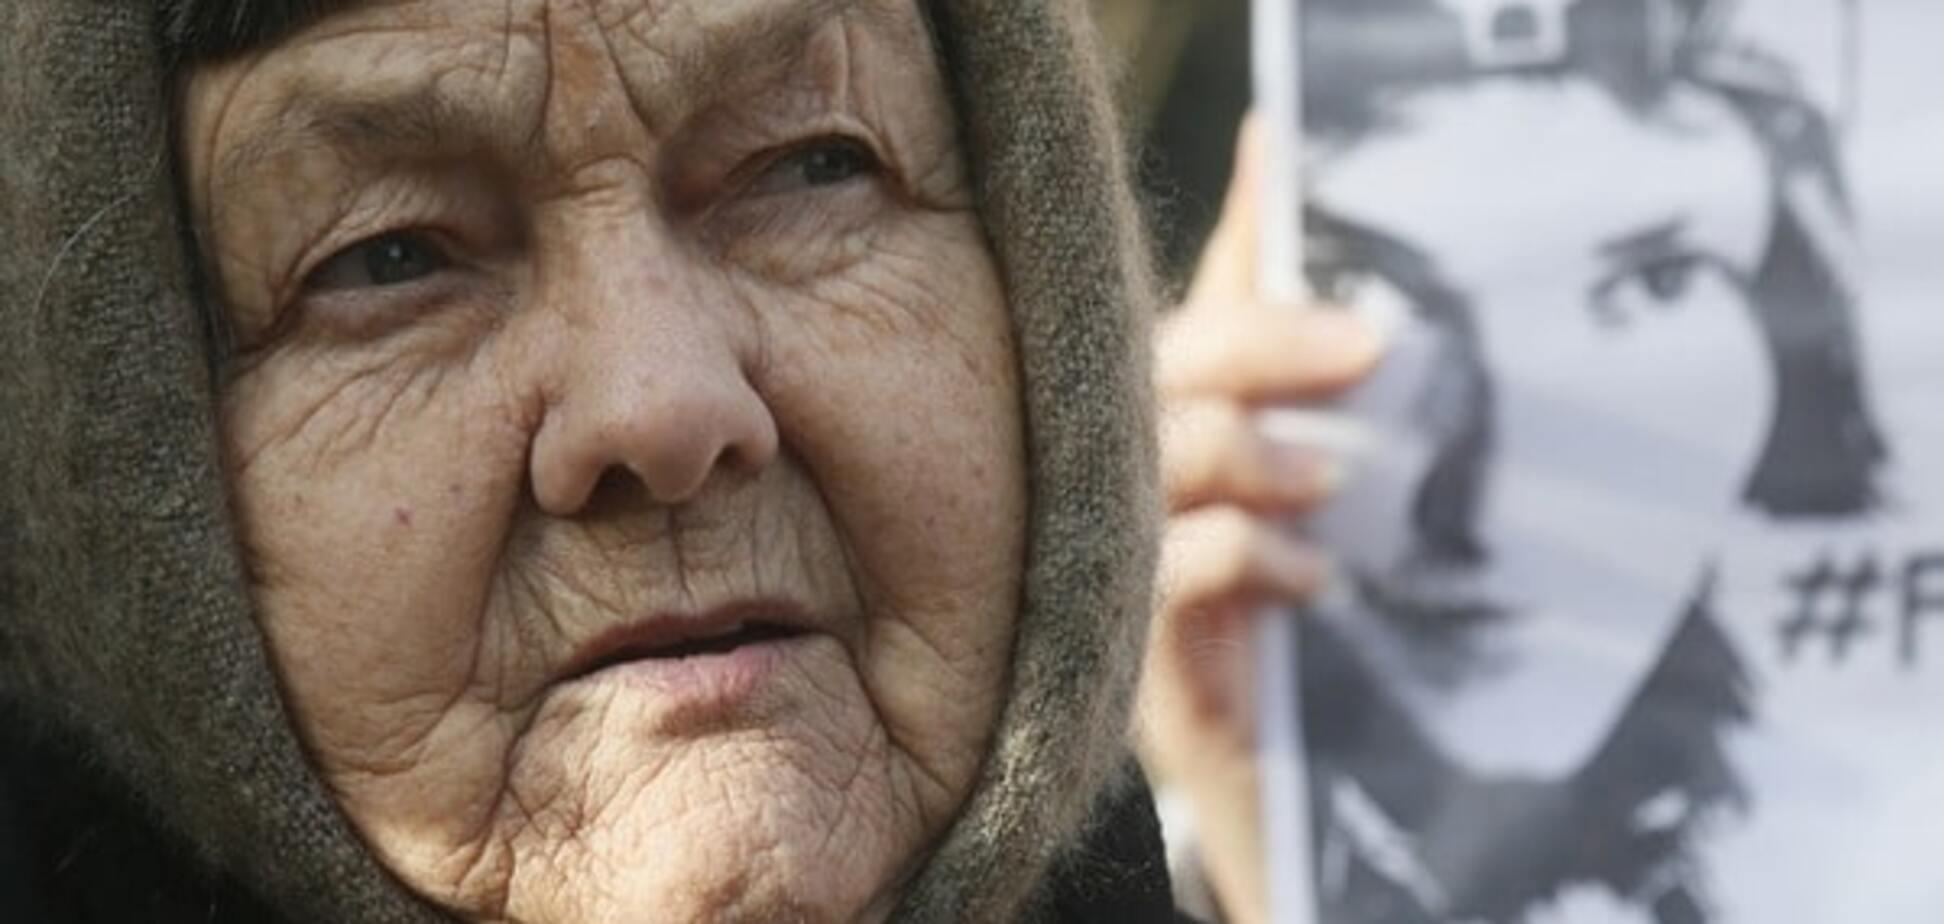 Мама Савченко обізвала 'сволотою' терористів на Донбасі: відеофакт